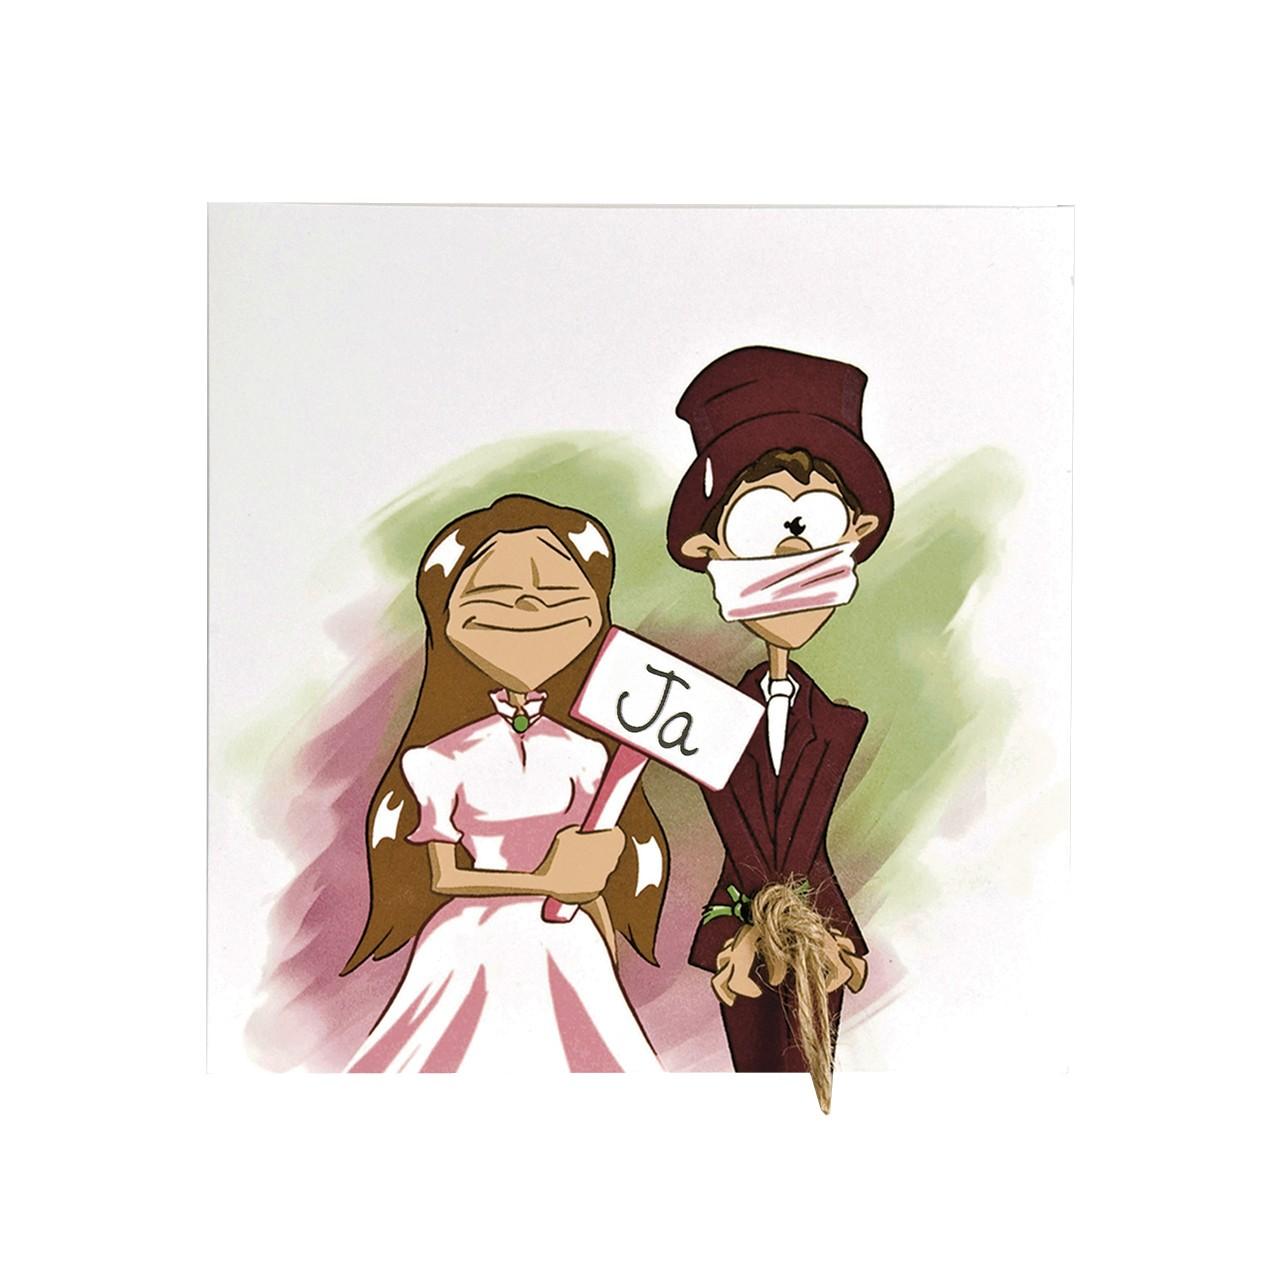 Hochzeitskarte Comic Lustig Braut Sagt Ja Brautigam Erst Spater